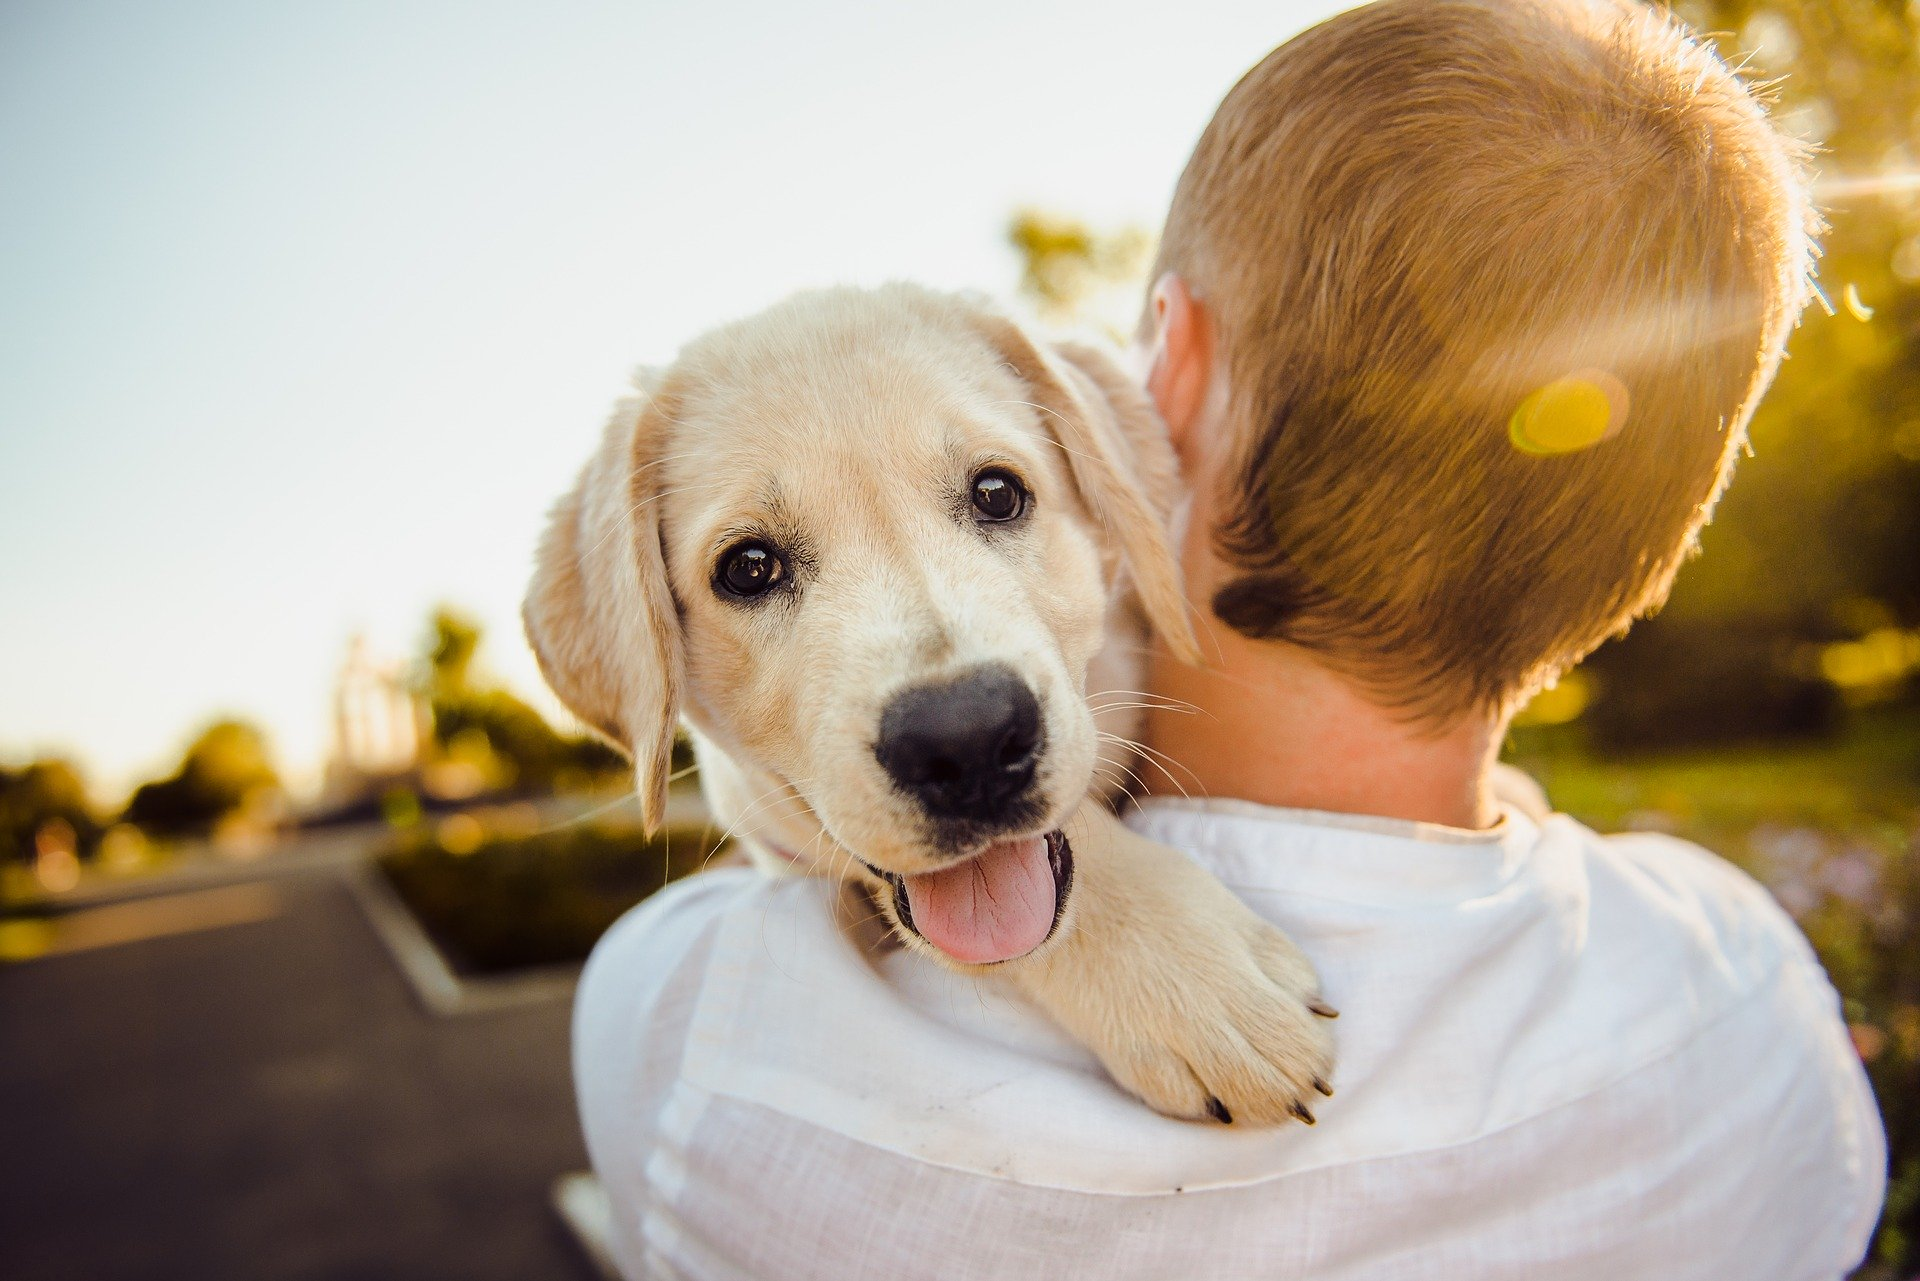 Die Aufzucht eines Hundes ist ein Prozess, der Beständigkeit und Zusammenarbeit zwischen allen Familienmitgliedern erfordert.